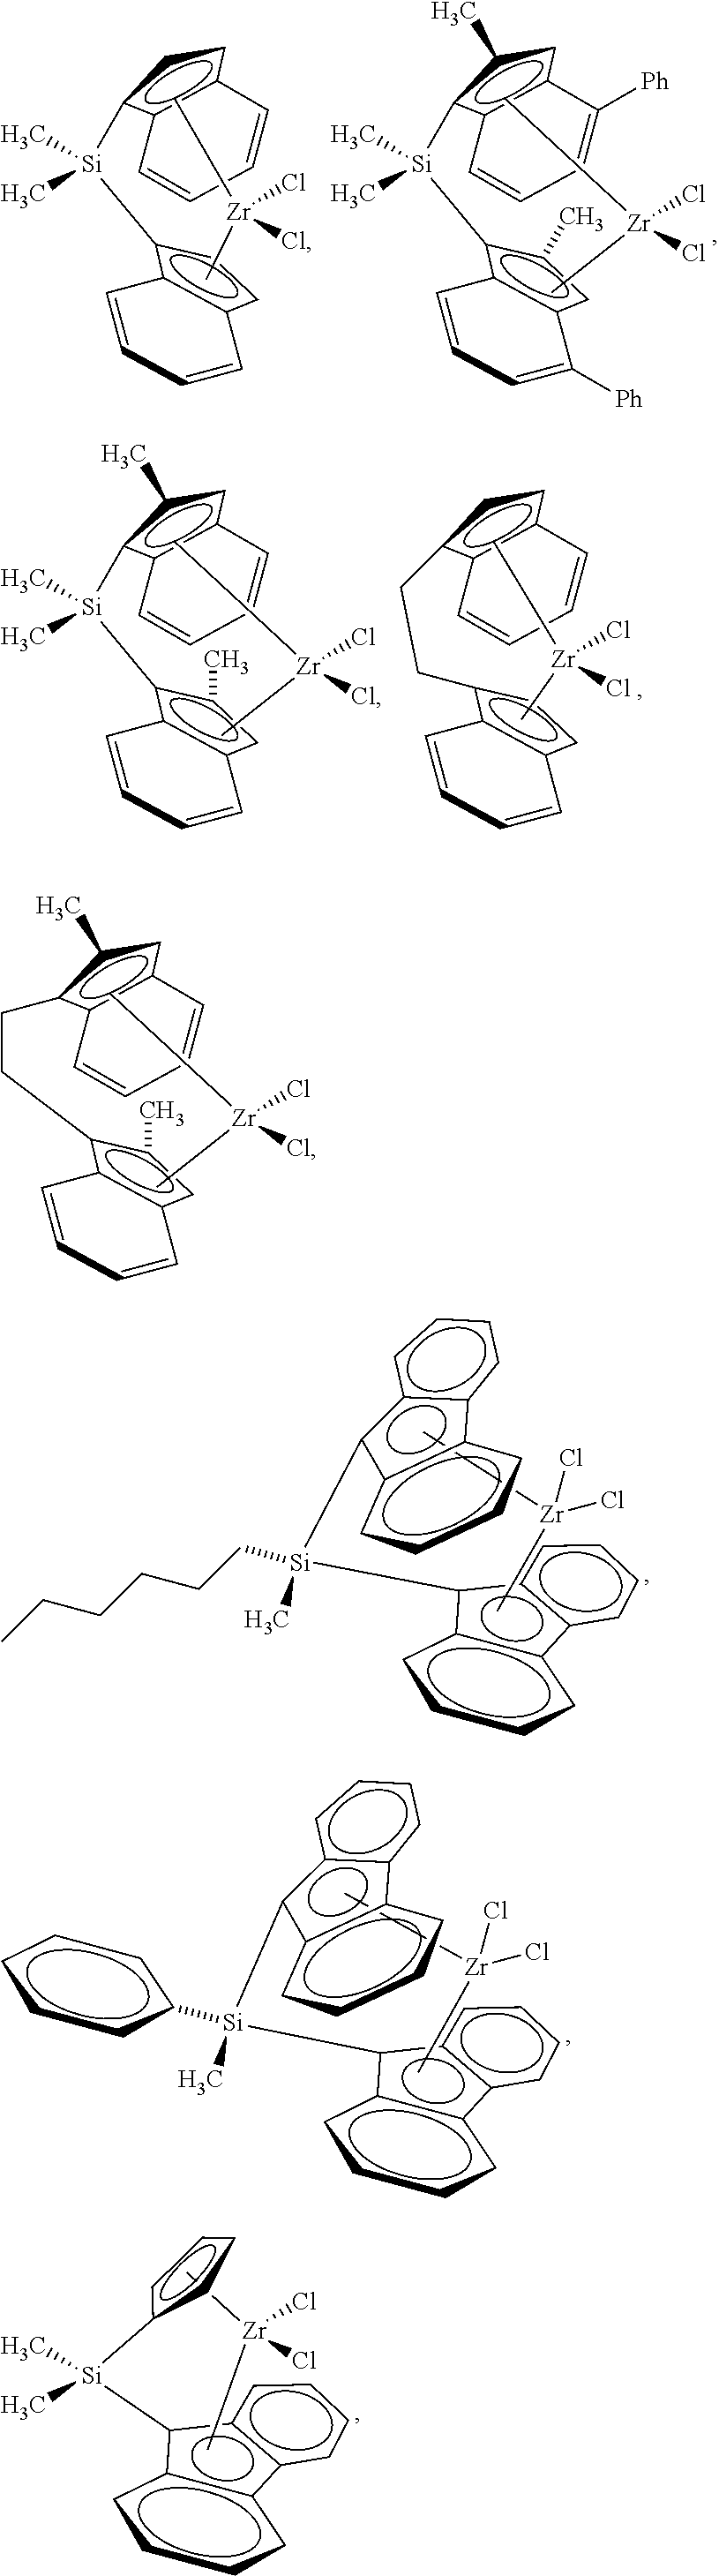 Figure US09334203-20160510-C00009